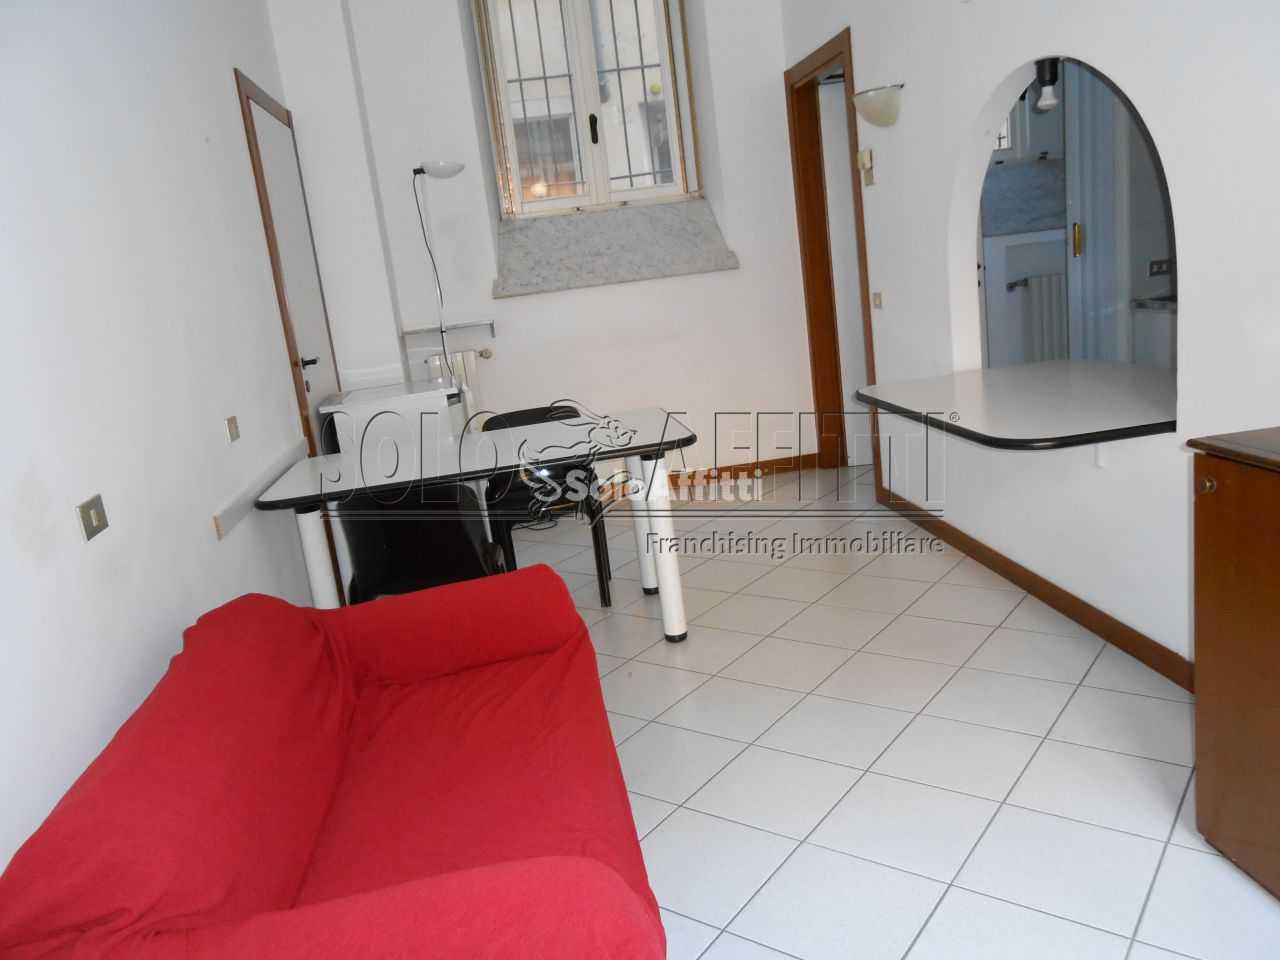 Appartamento, centro, Affitto/Cessione - Pavia